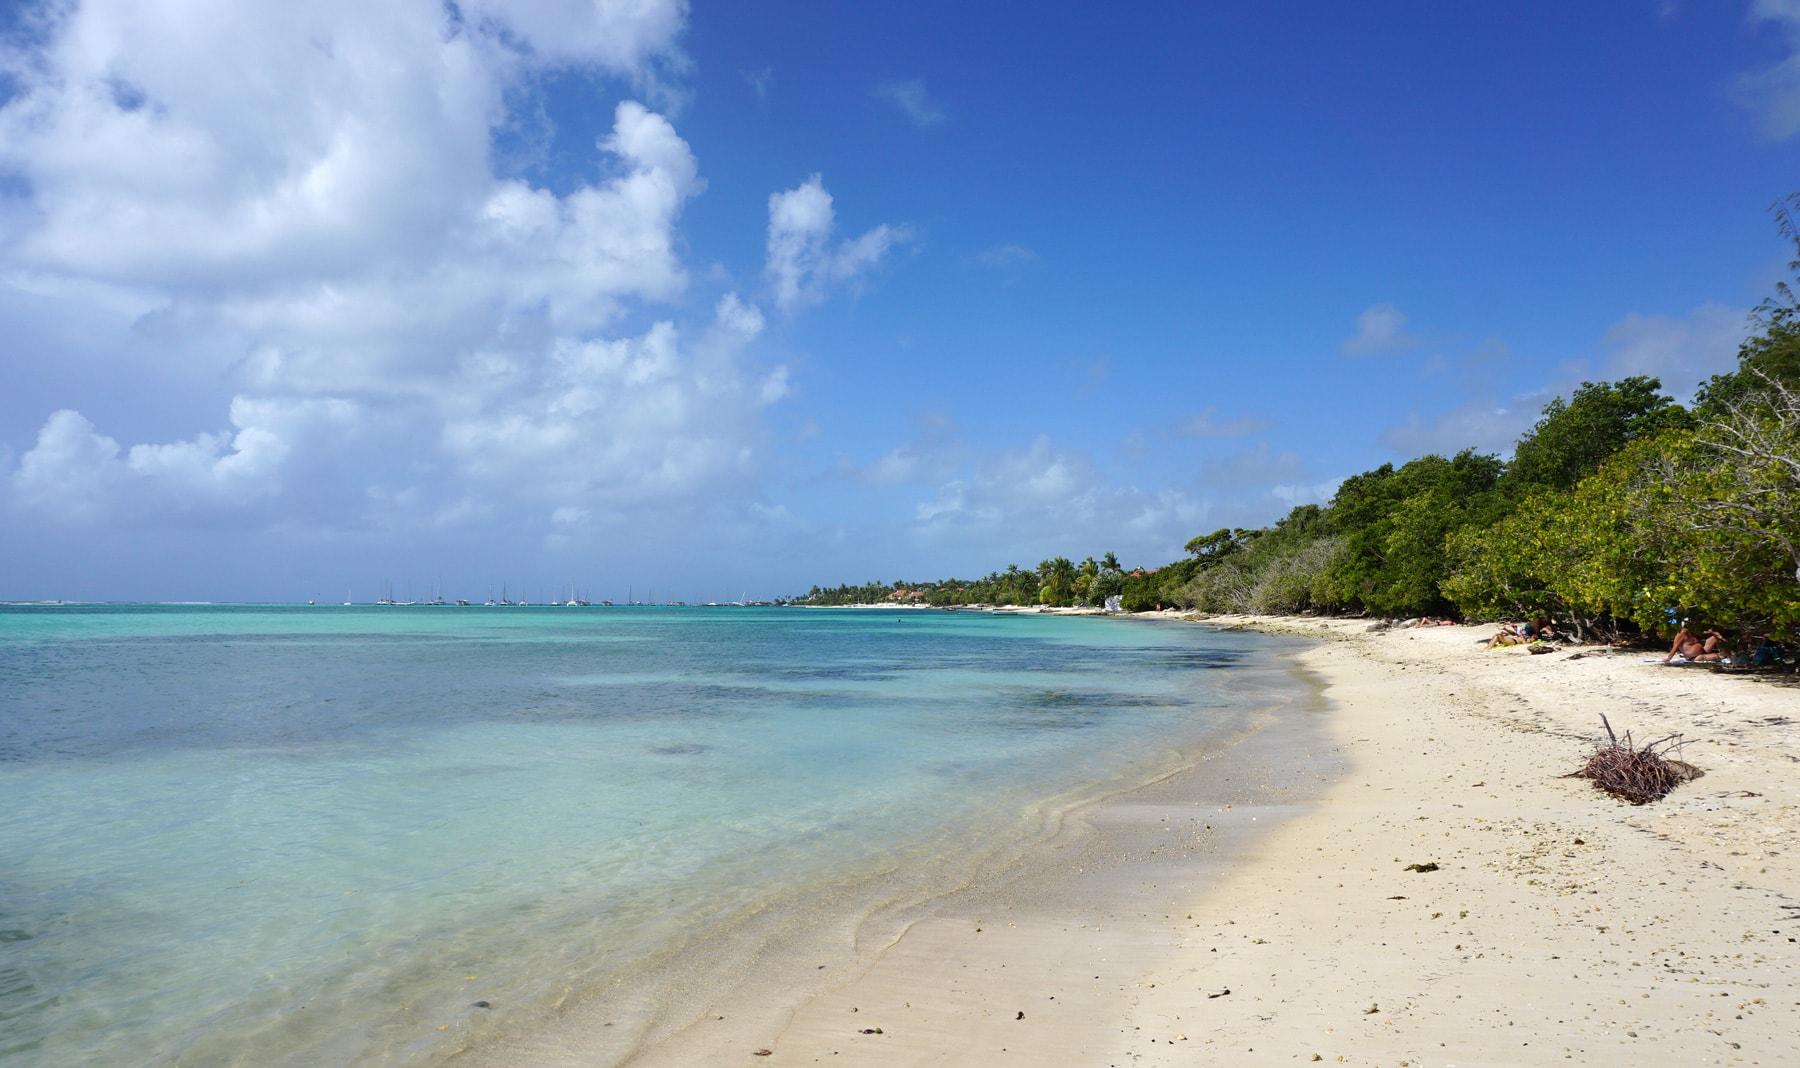 Guadeloupe plage saint francois